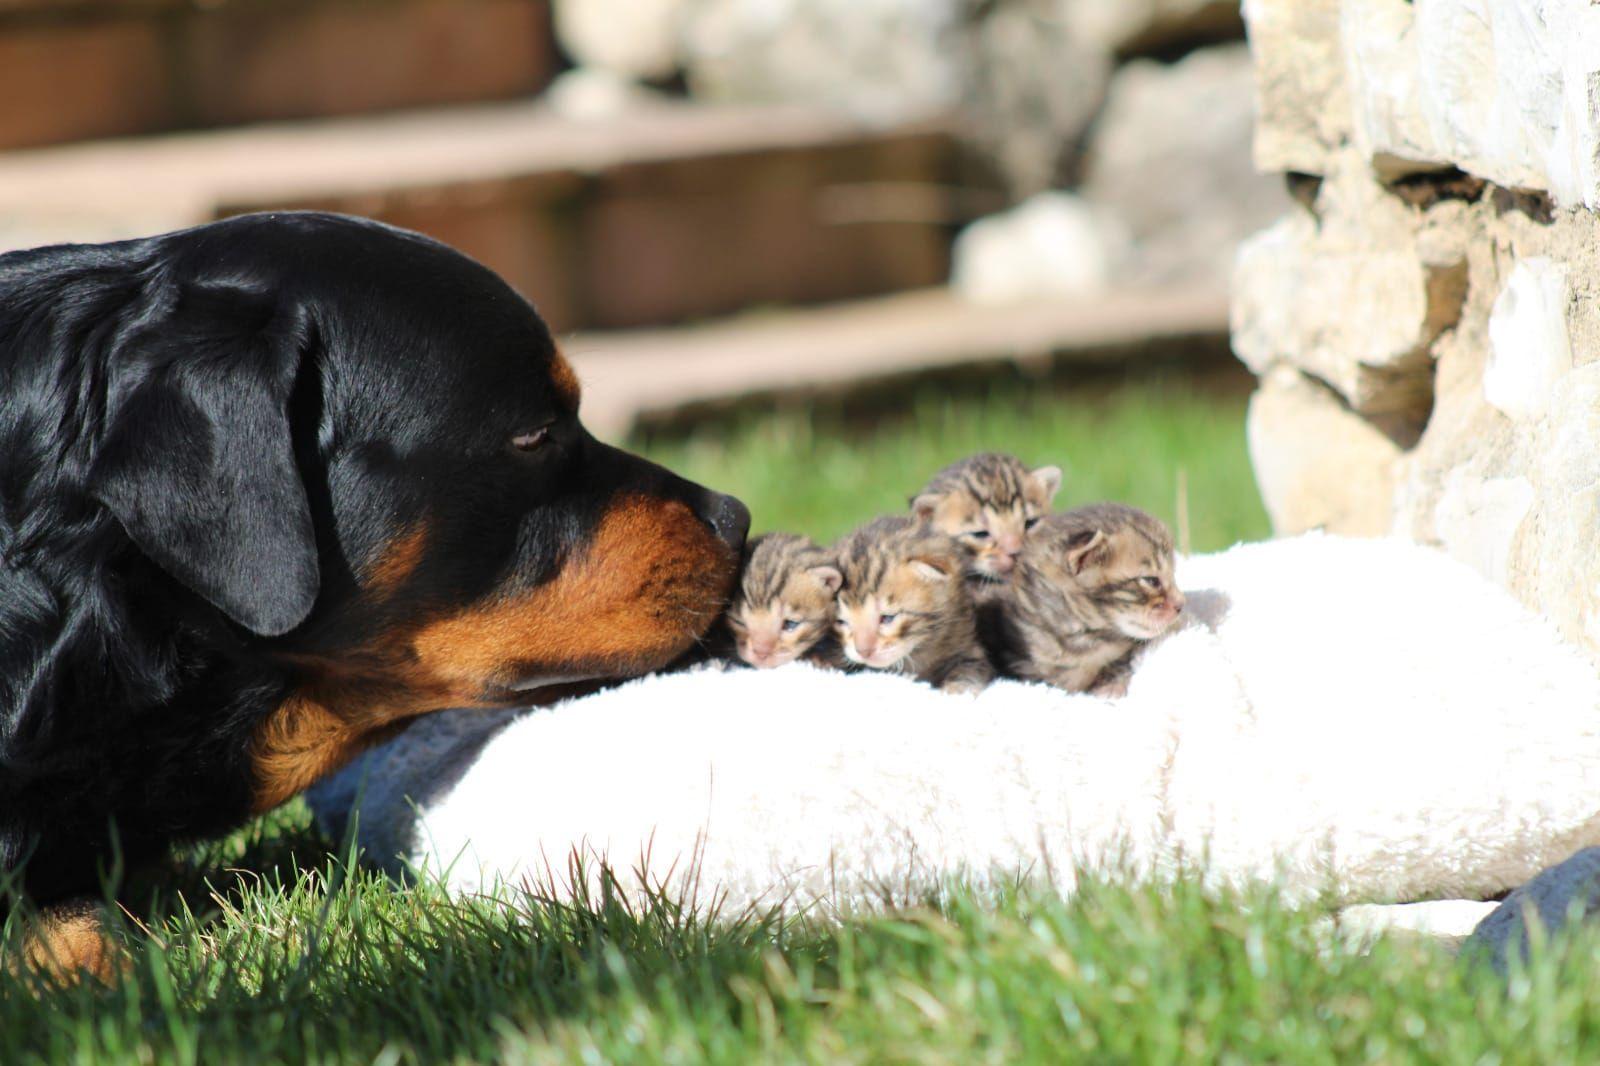 Rottweiler Welpen Vom Zuchter Oder Privat Hunde Haustier Beagle Kaufen Oder Inserieren Bei Deinetierwelt Streunerherzen E V Hunde In 2020 Whippet Mix Whippet Beagle